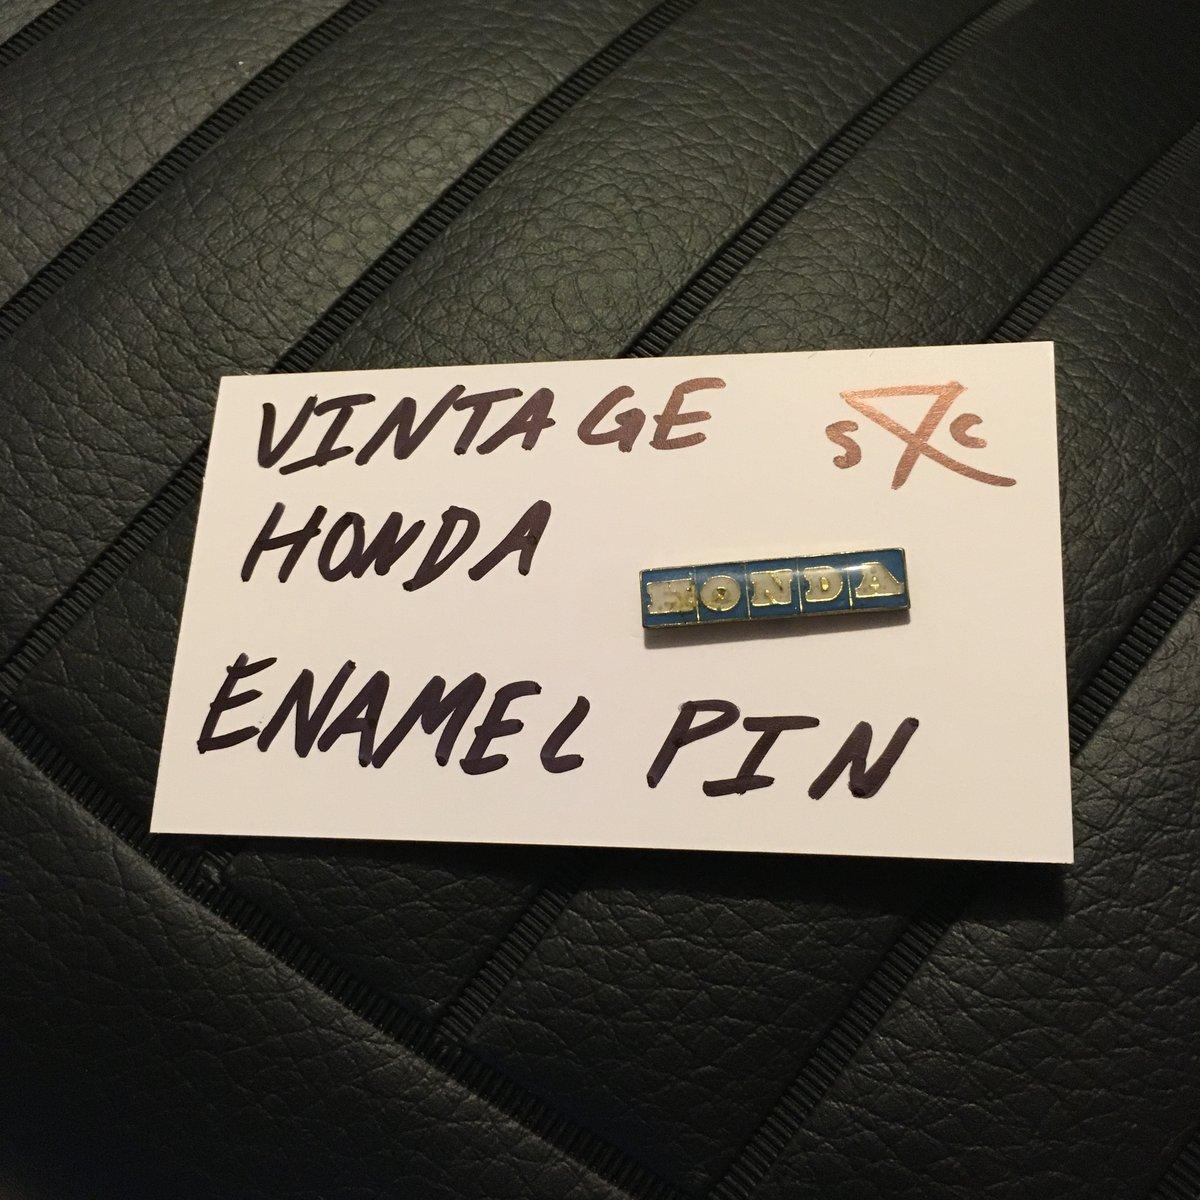 Image of Vintage Honda Enamel Pins